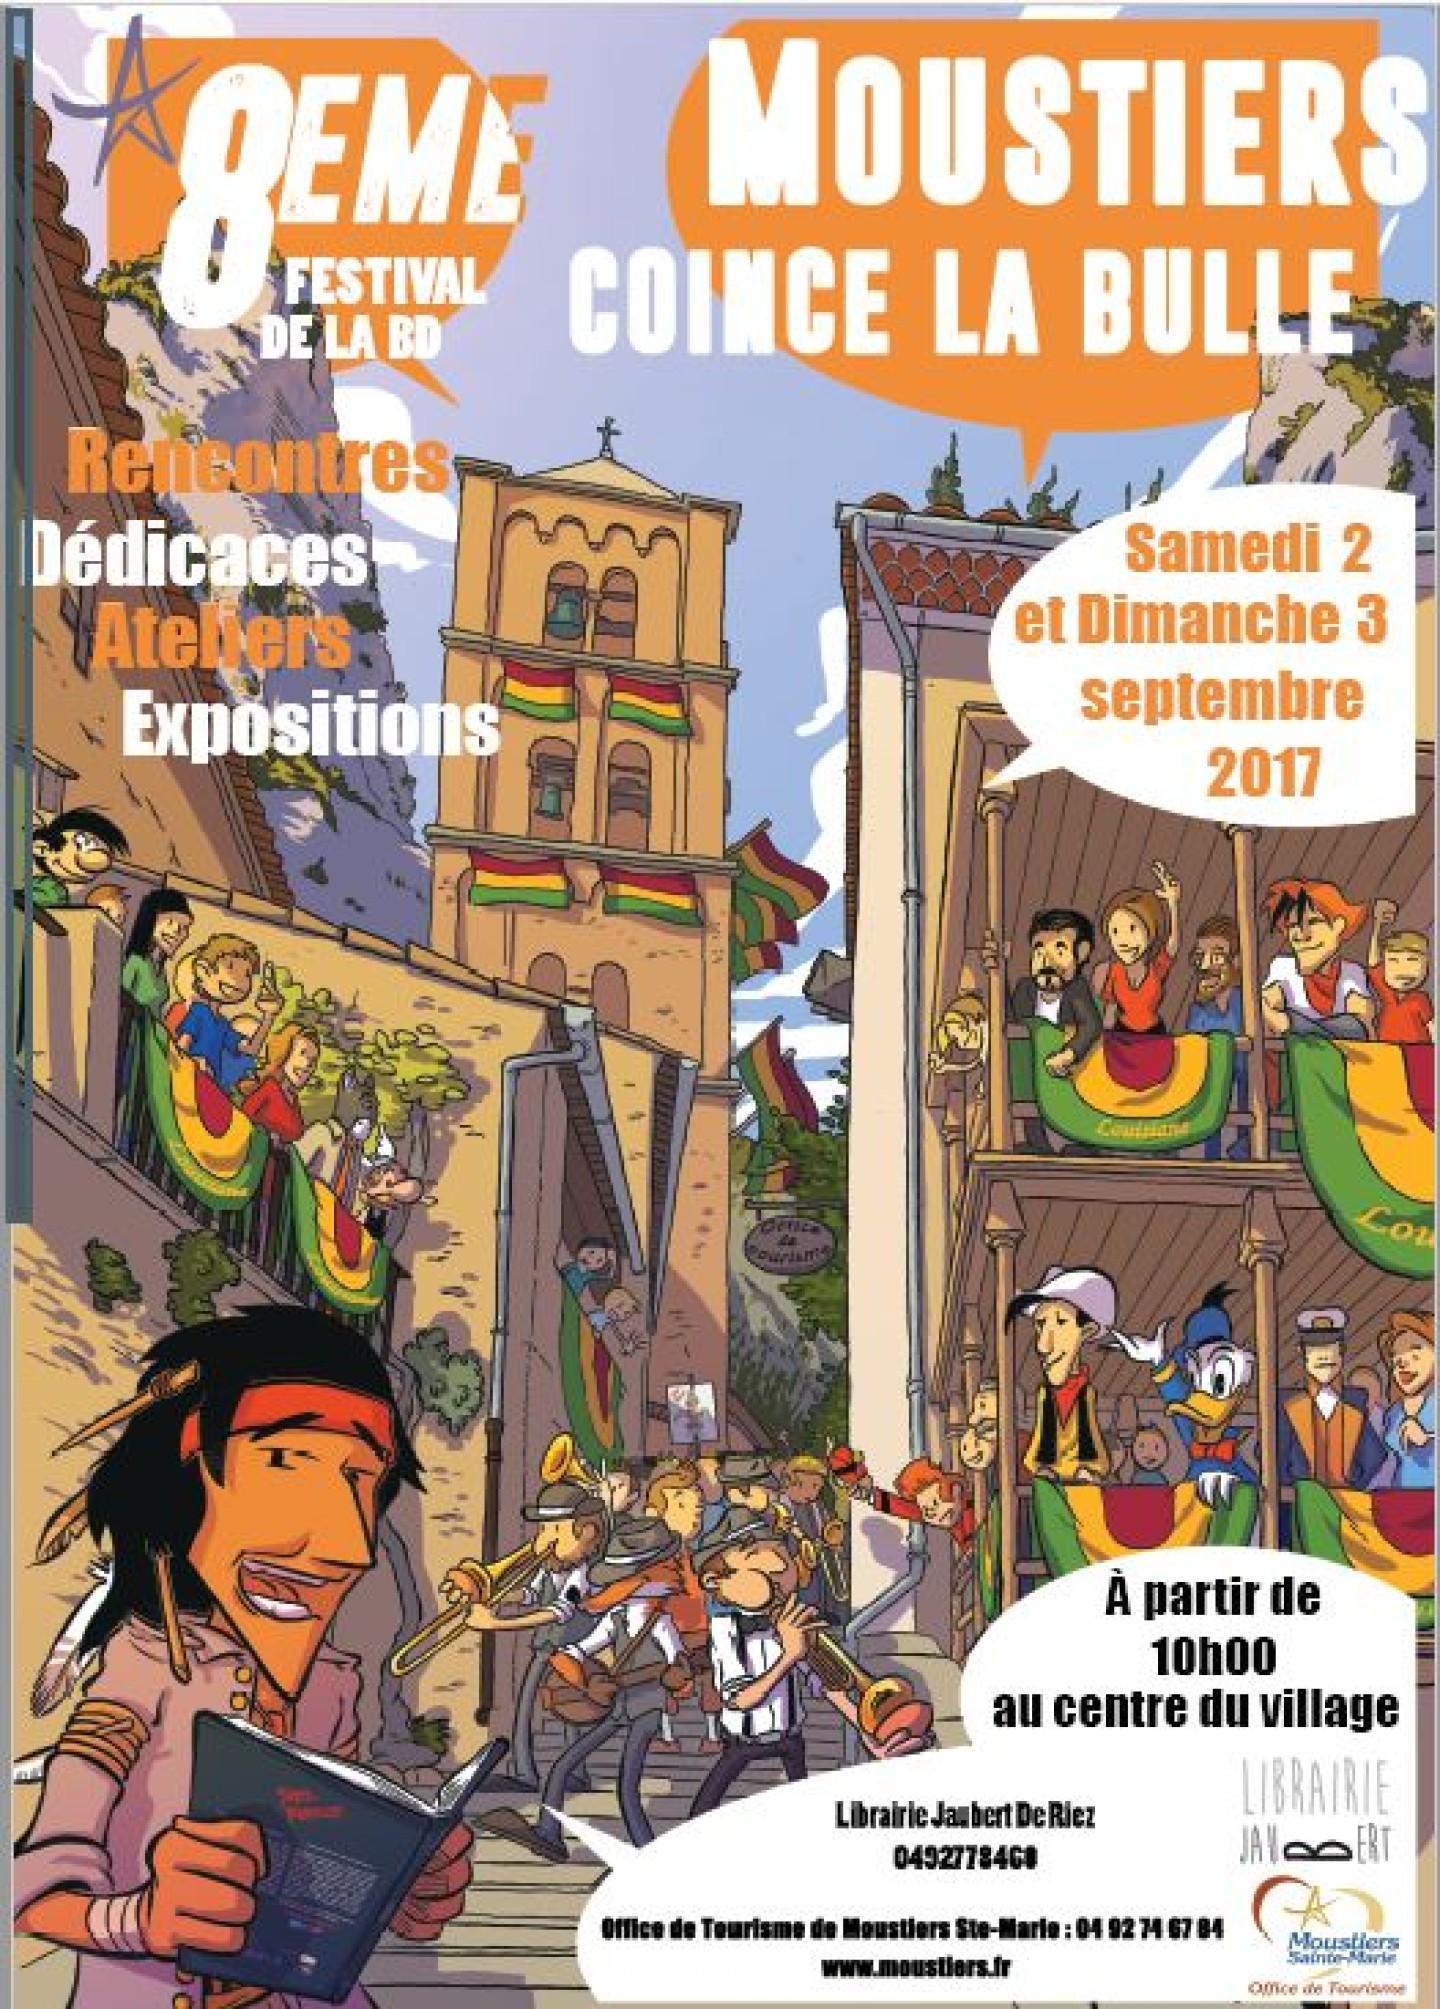 Moustiers Coince la Bulle 2017